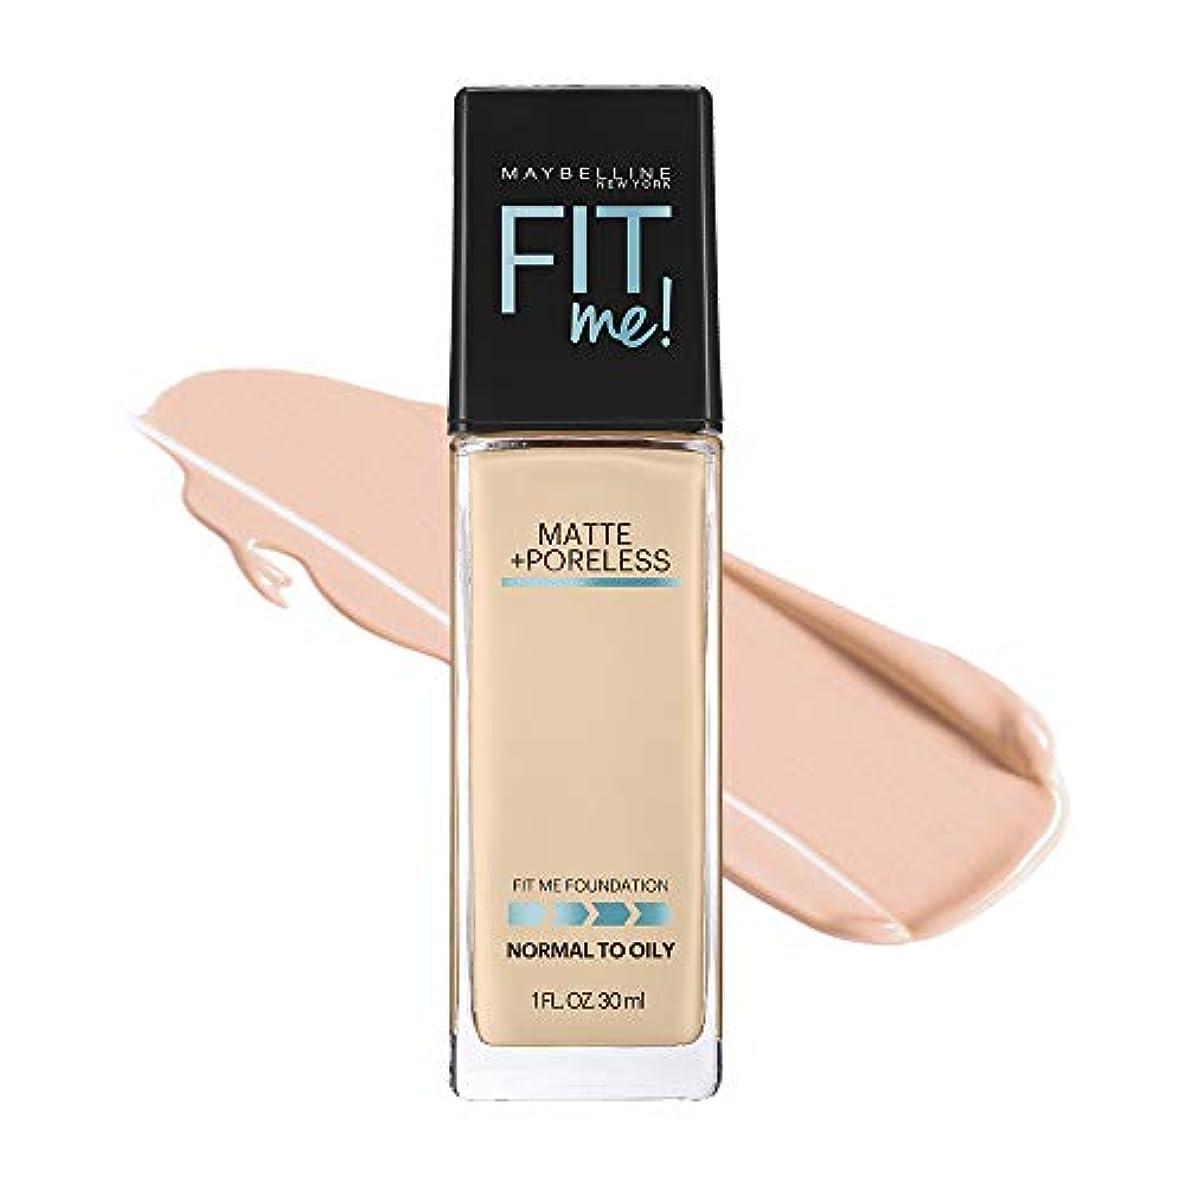 ストレスの多い一般的に作りメイベリン フィットミー リキッド ファンデーション 115 標準的な肌色(ピンク系)